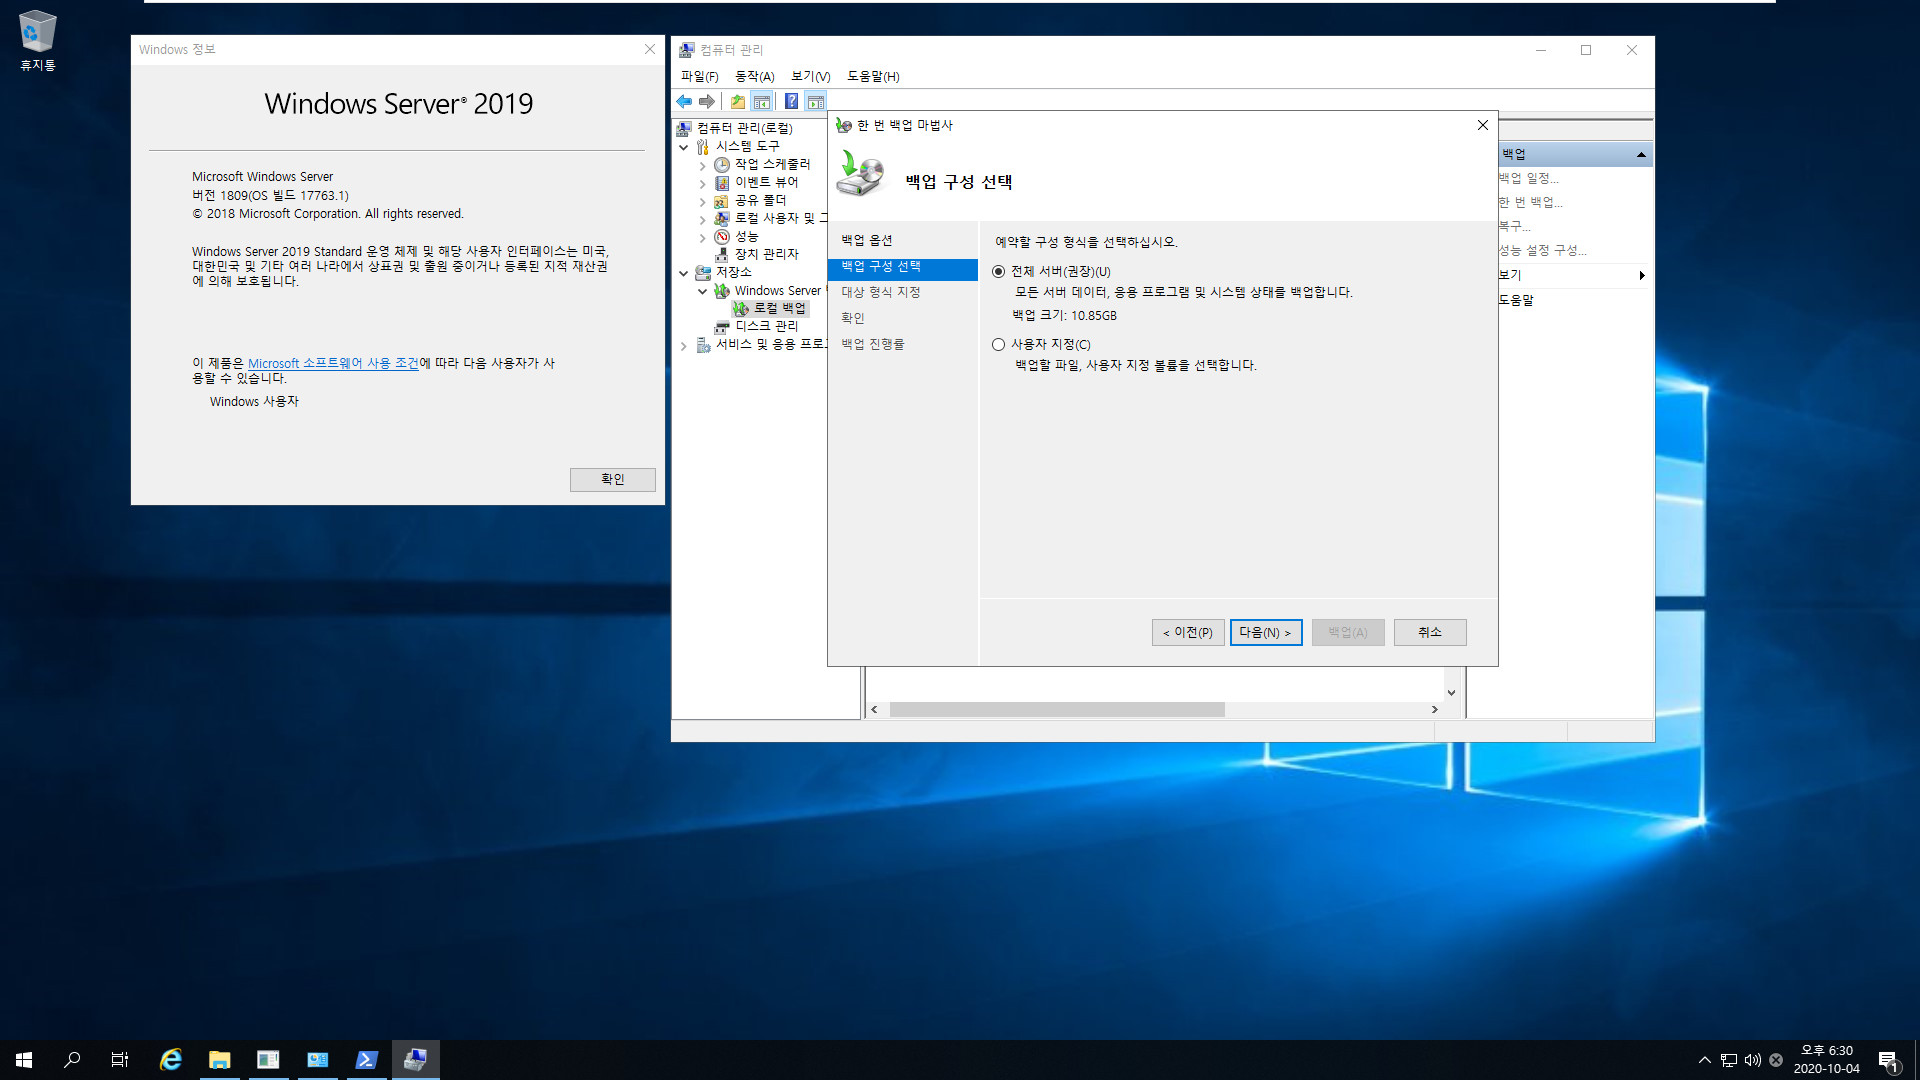 윈도우 서버군은 윈도우 사용중에도 자체 WBadmin 명령으로 윈도우 복구를 합니다 - Windows Server 2019로 복구 테스트 2020-10-04_183001.jpg